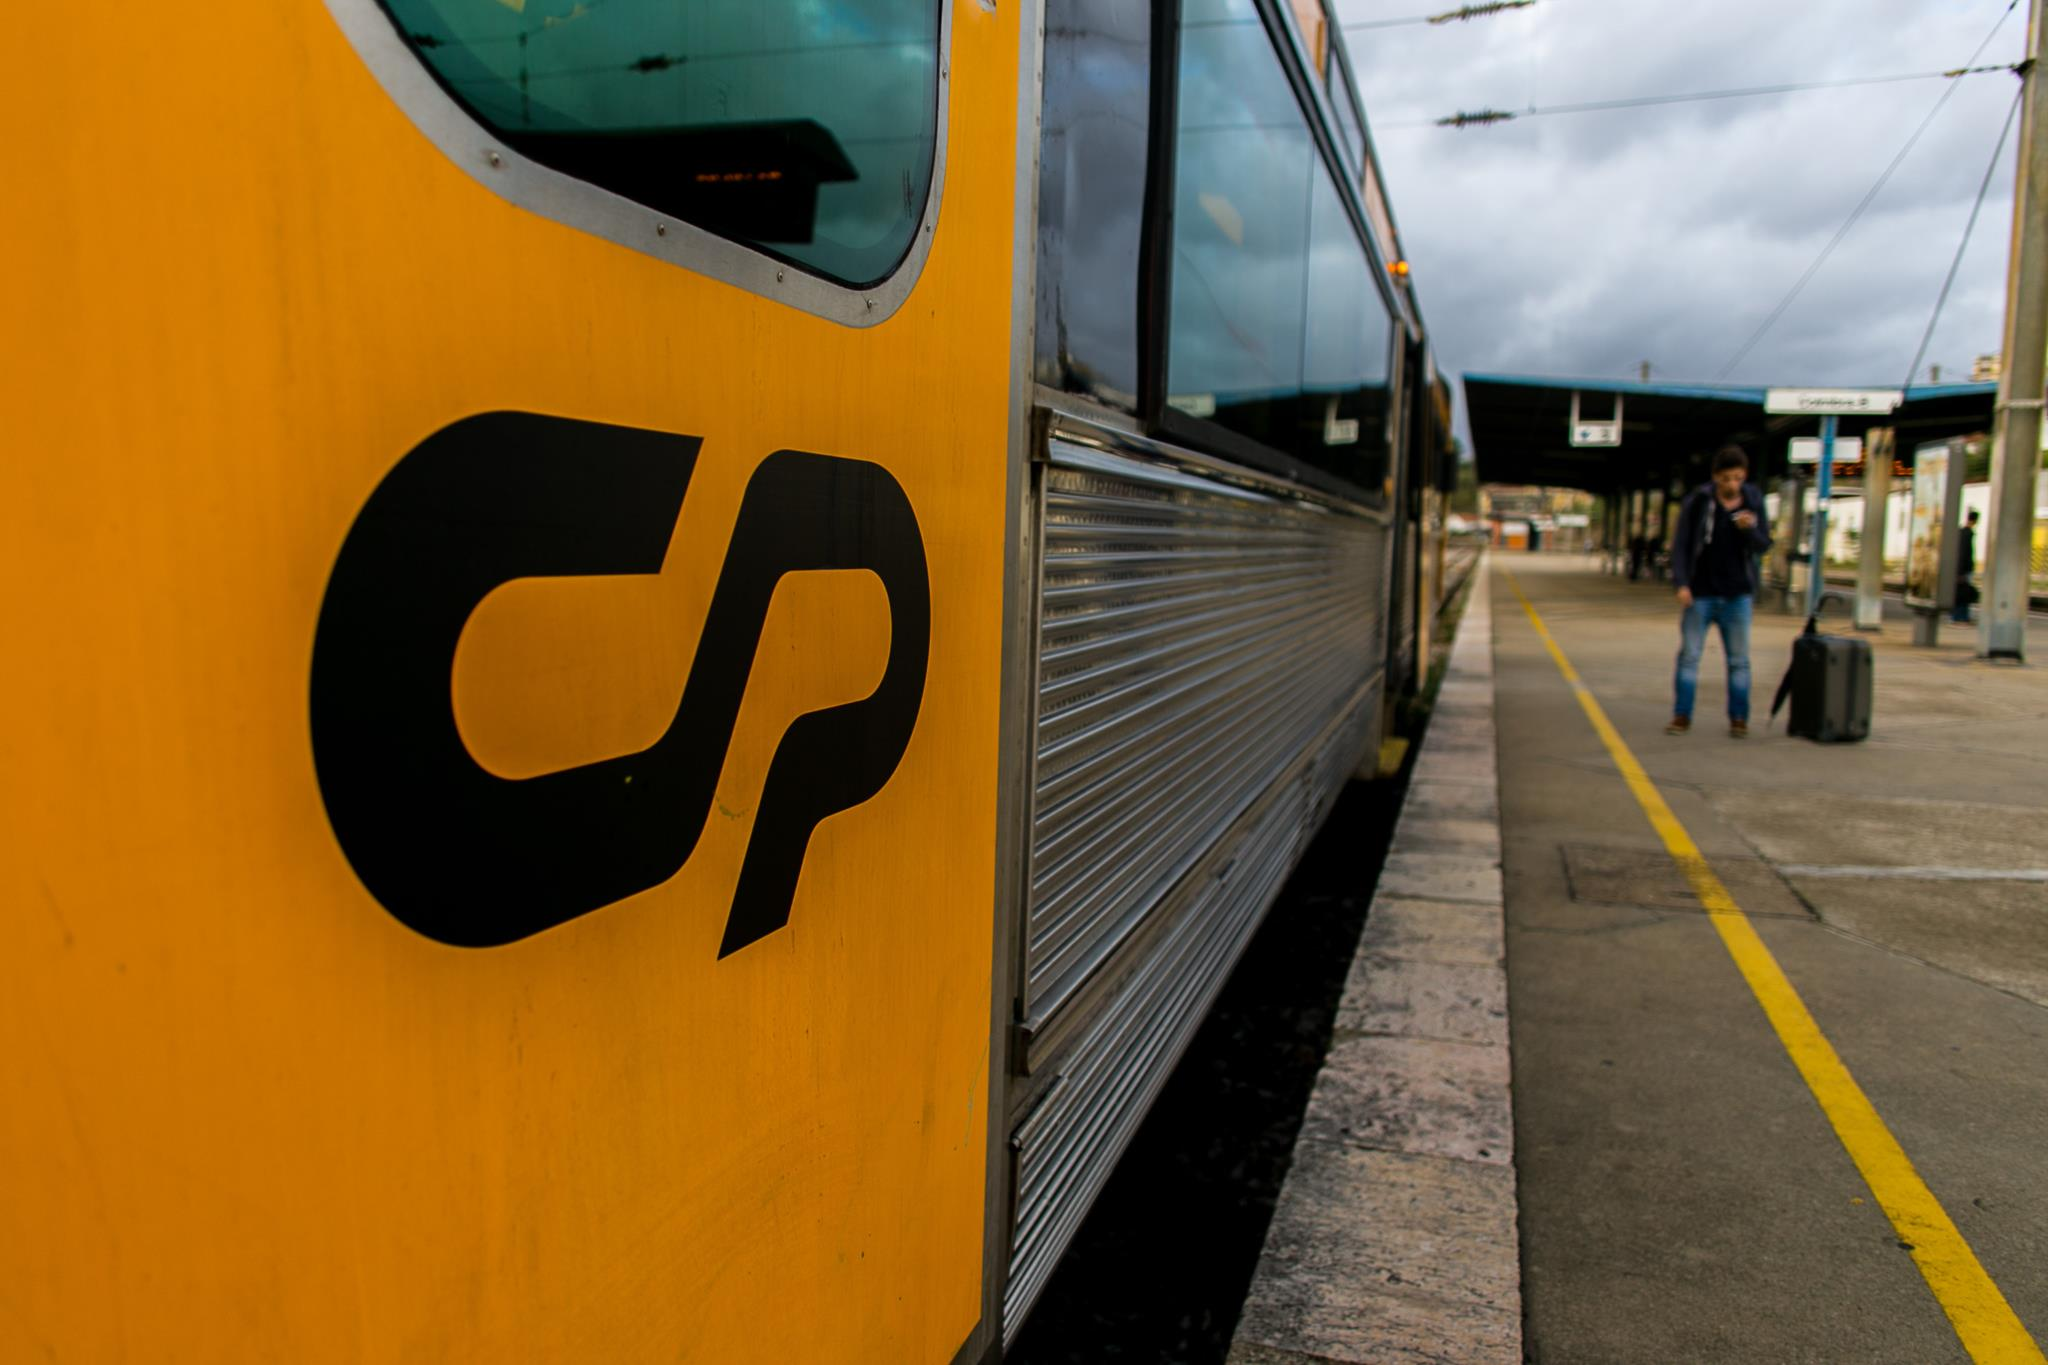 A pensar na liberalização do transporte ferroviário de passageiros a partir de 2020, Manuel Queiró quer levar os novos comboios da CP a La Coruña, Salamanca, Madrid, Badajoz e outros destinos no país vizinho.